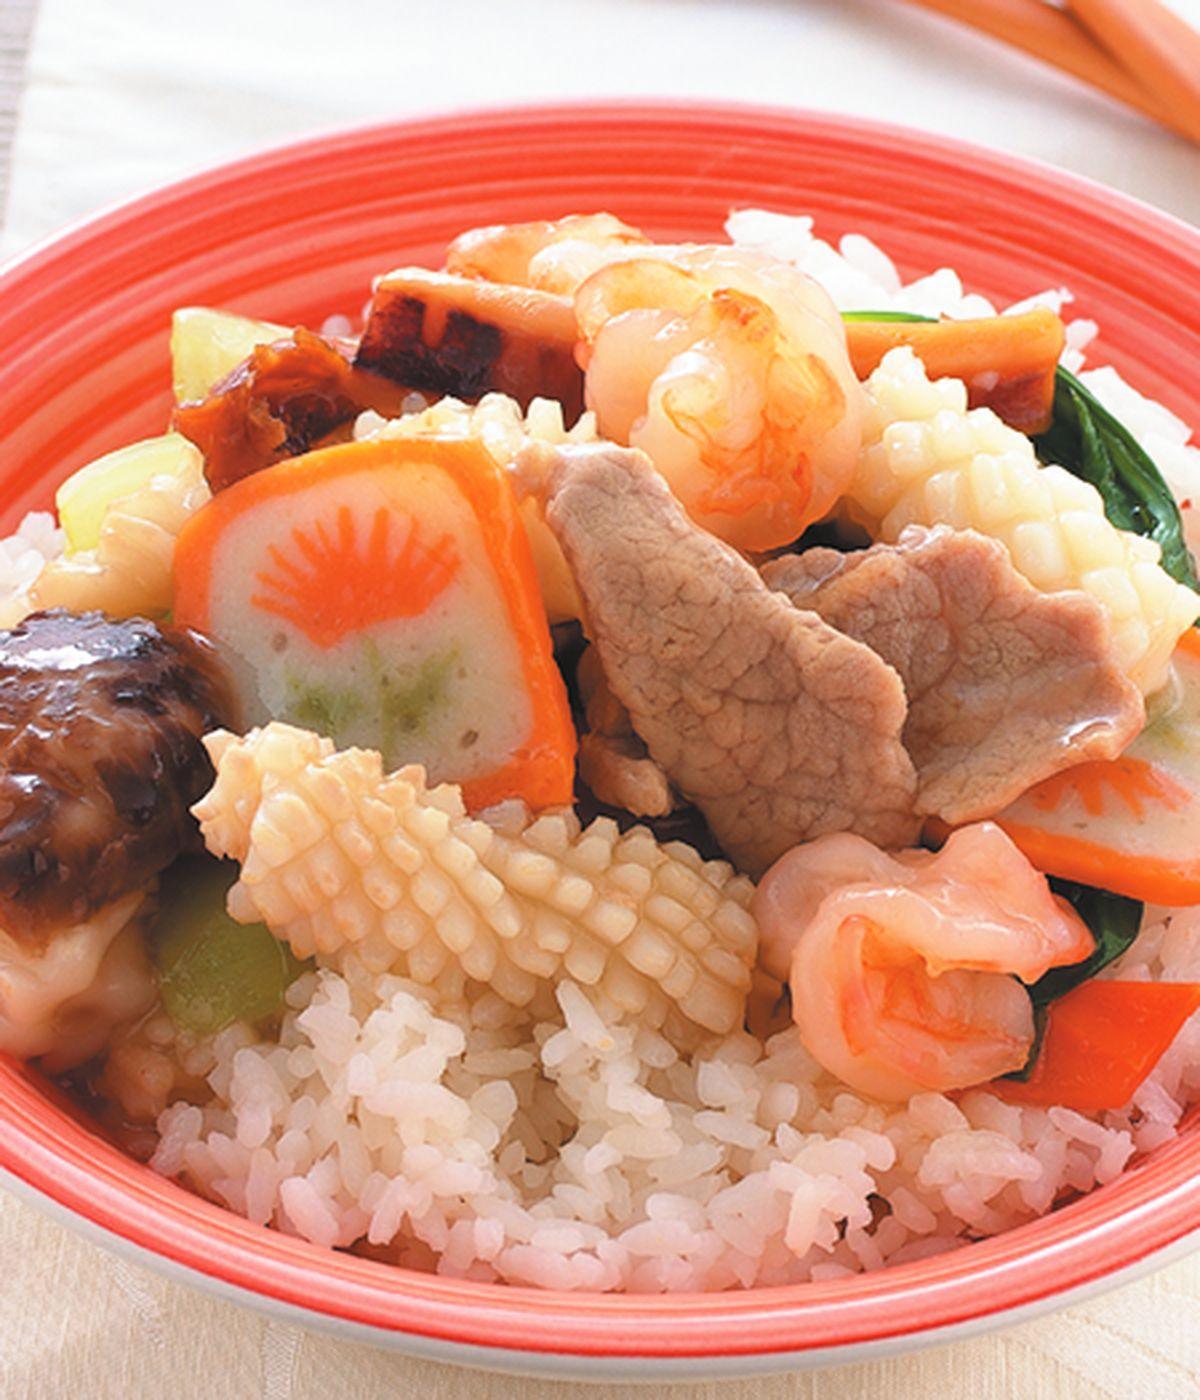 食譜:什錦海鮮蓋飯